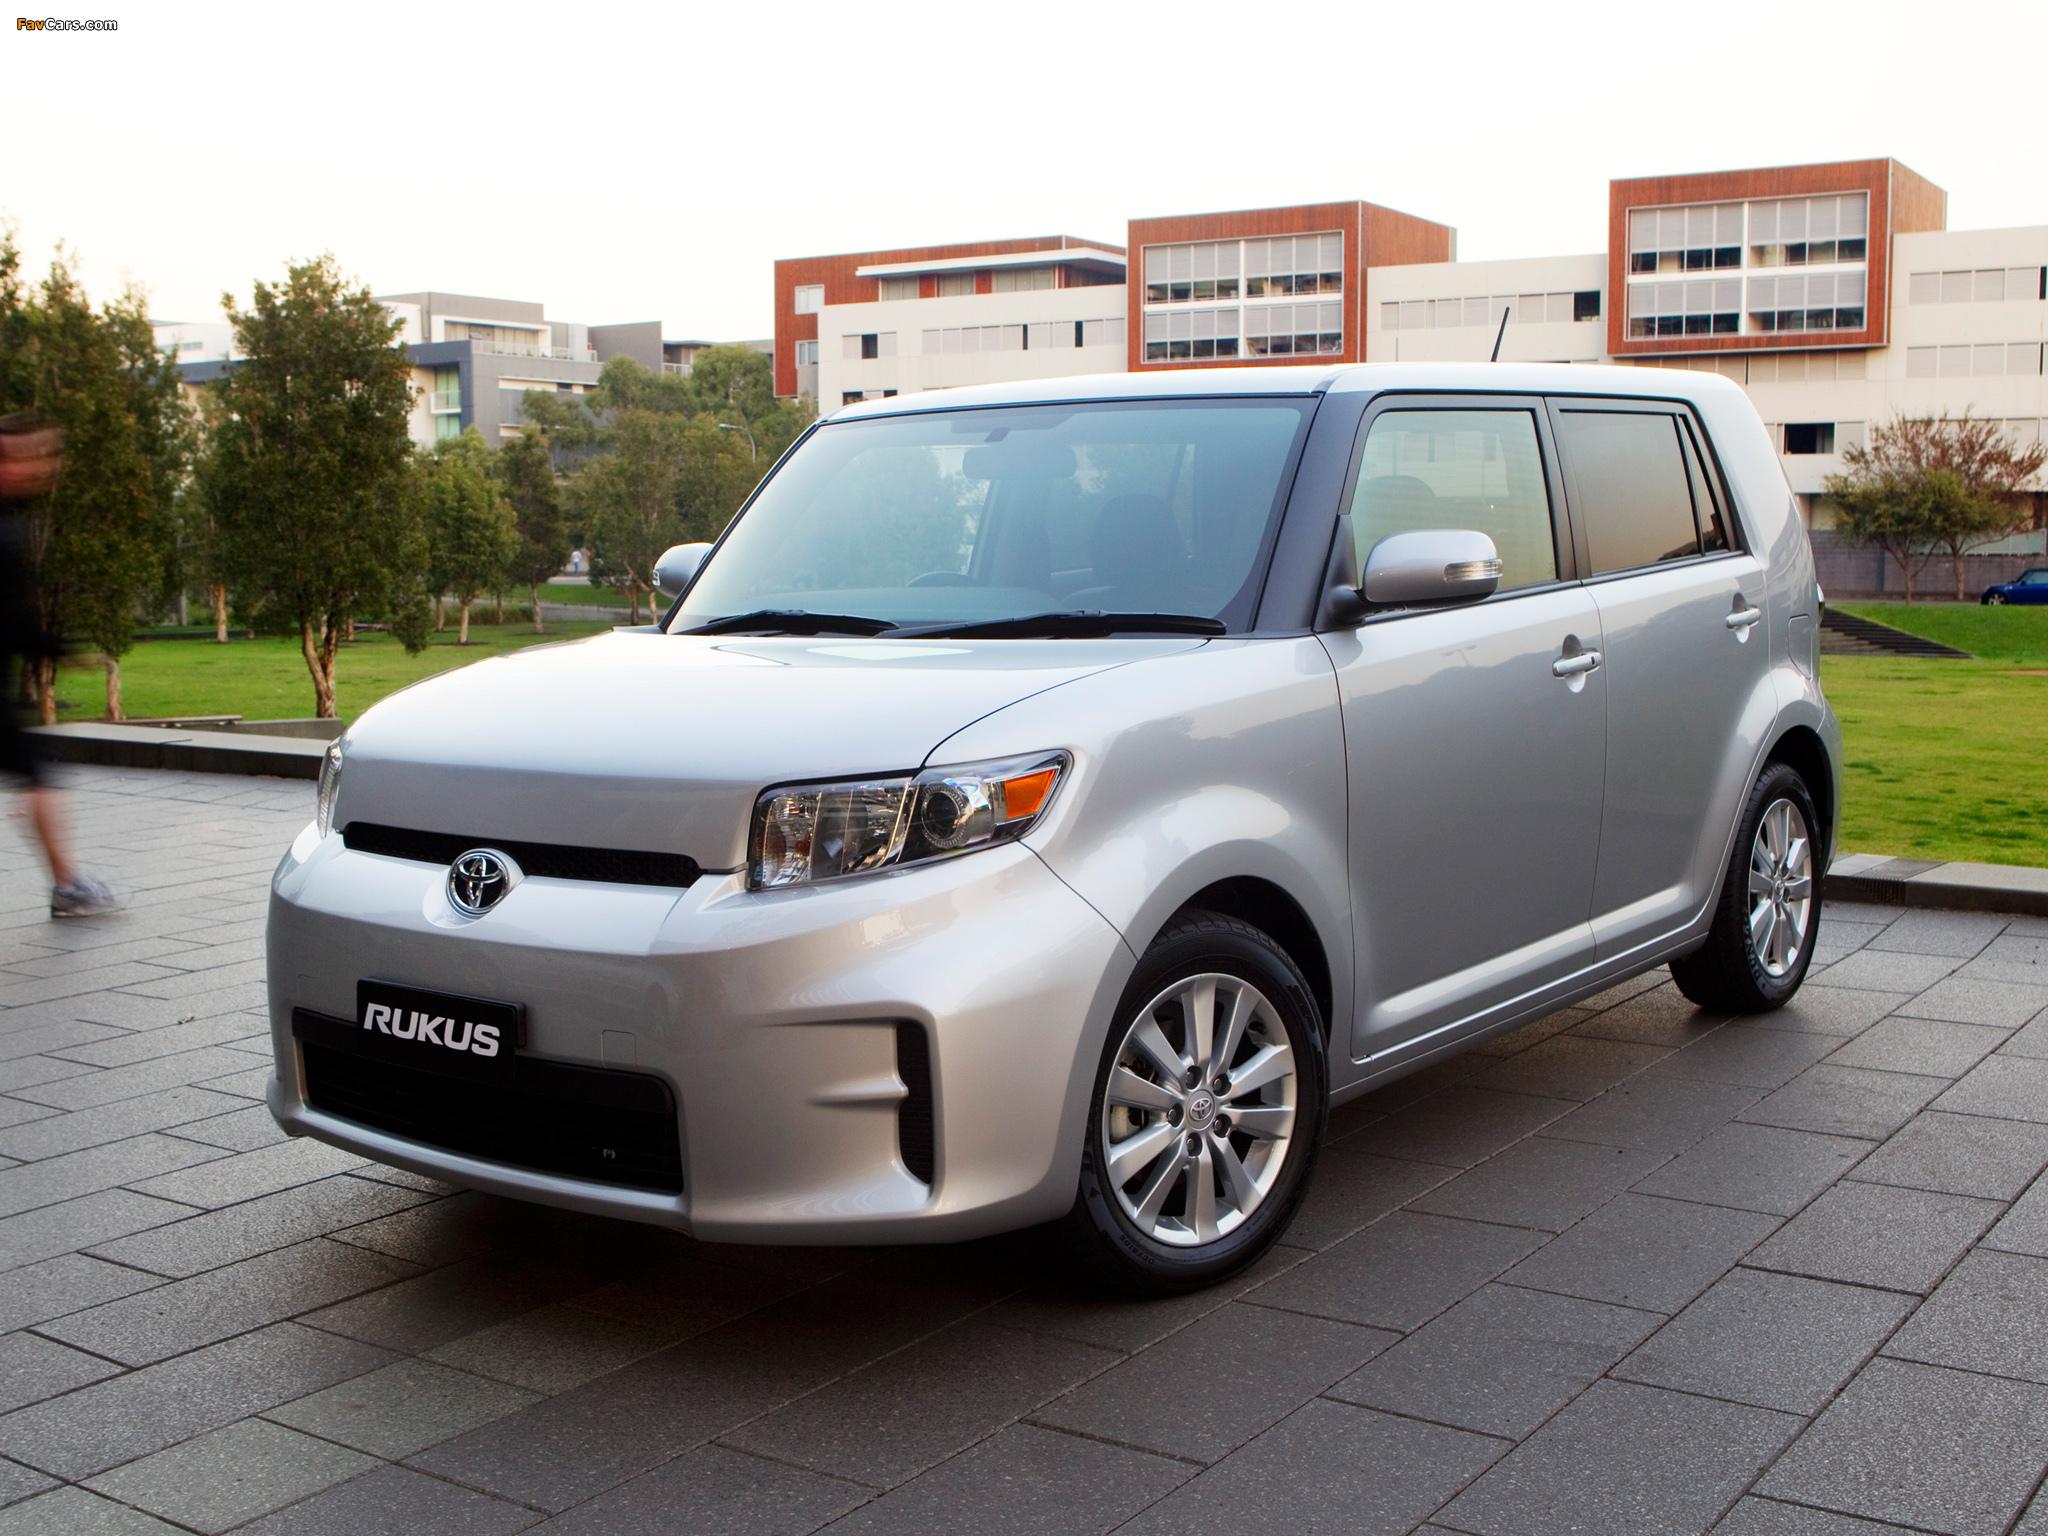 Toyota Rukus 2010 images (2048 x 1536)